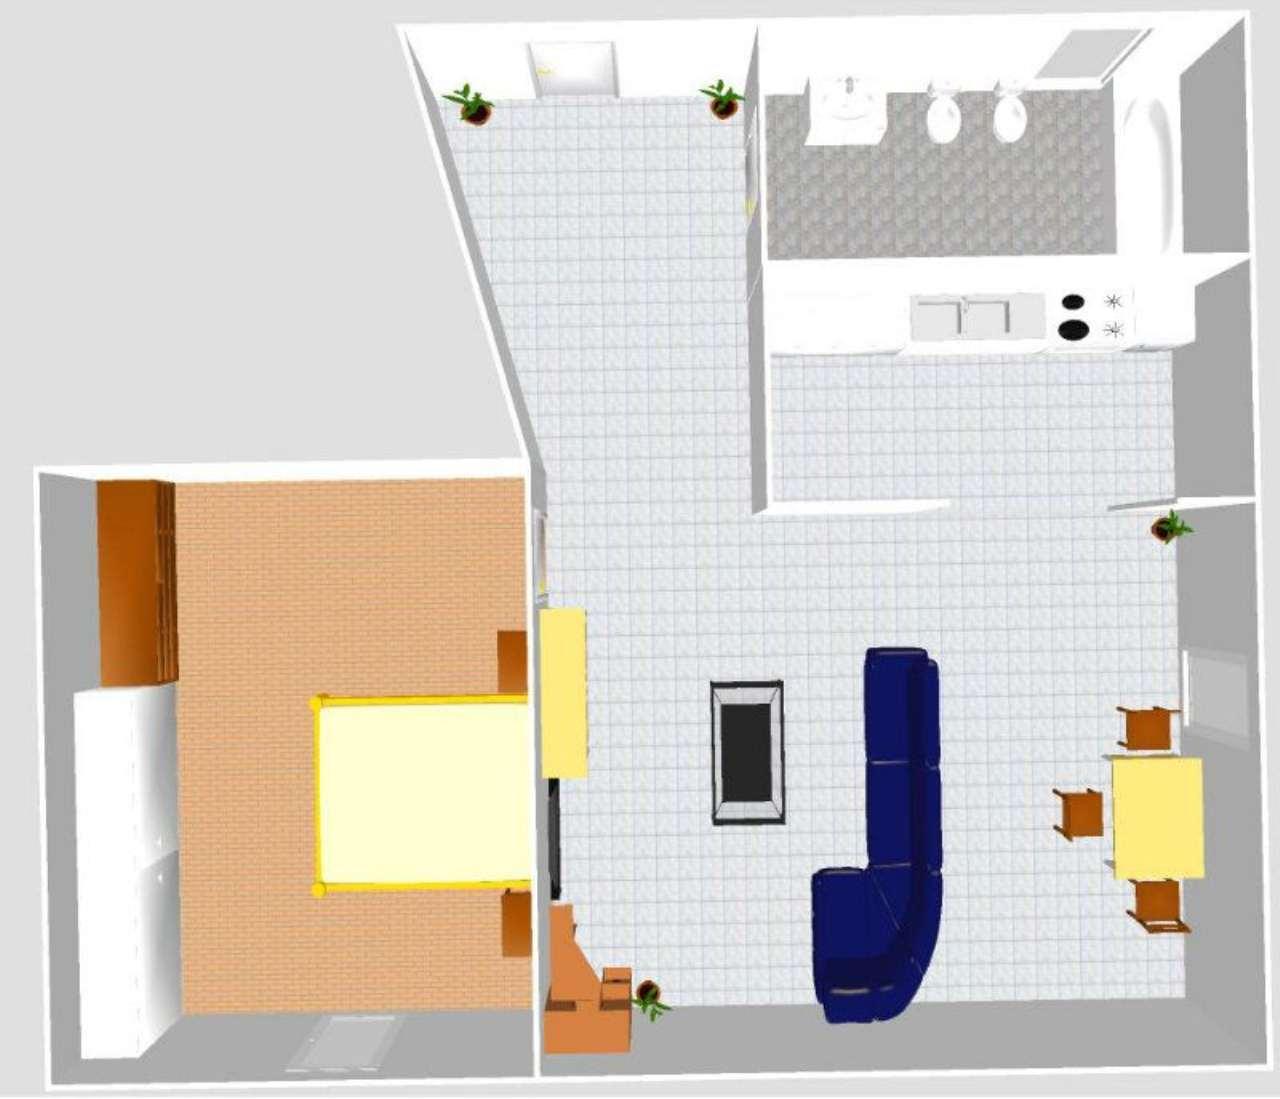 Appartamento in vendita a Bargagli, 3 locali, prezzo € 55.000 | Cambio Casa.it